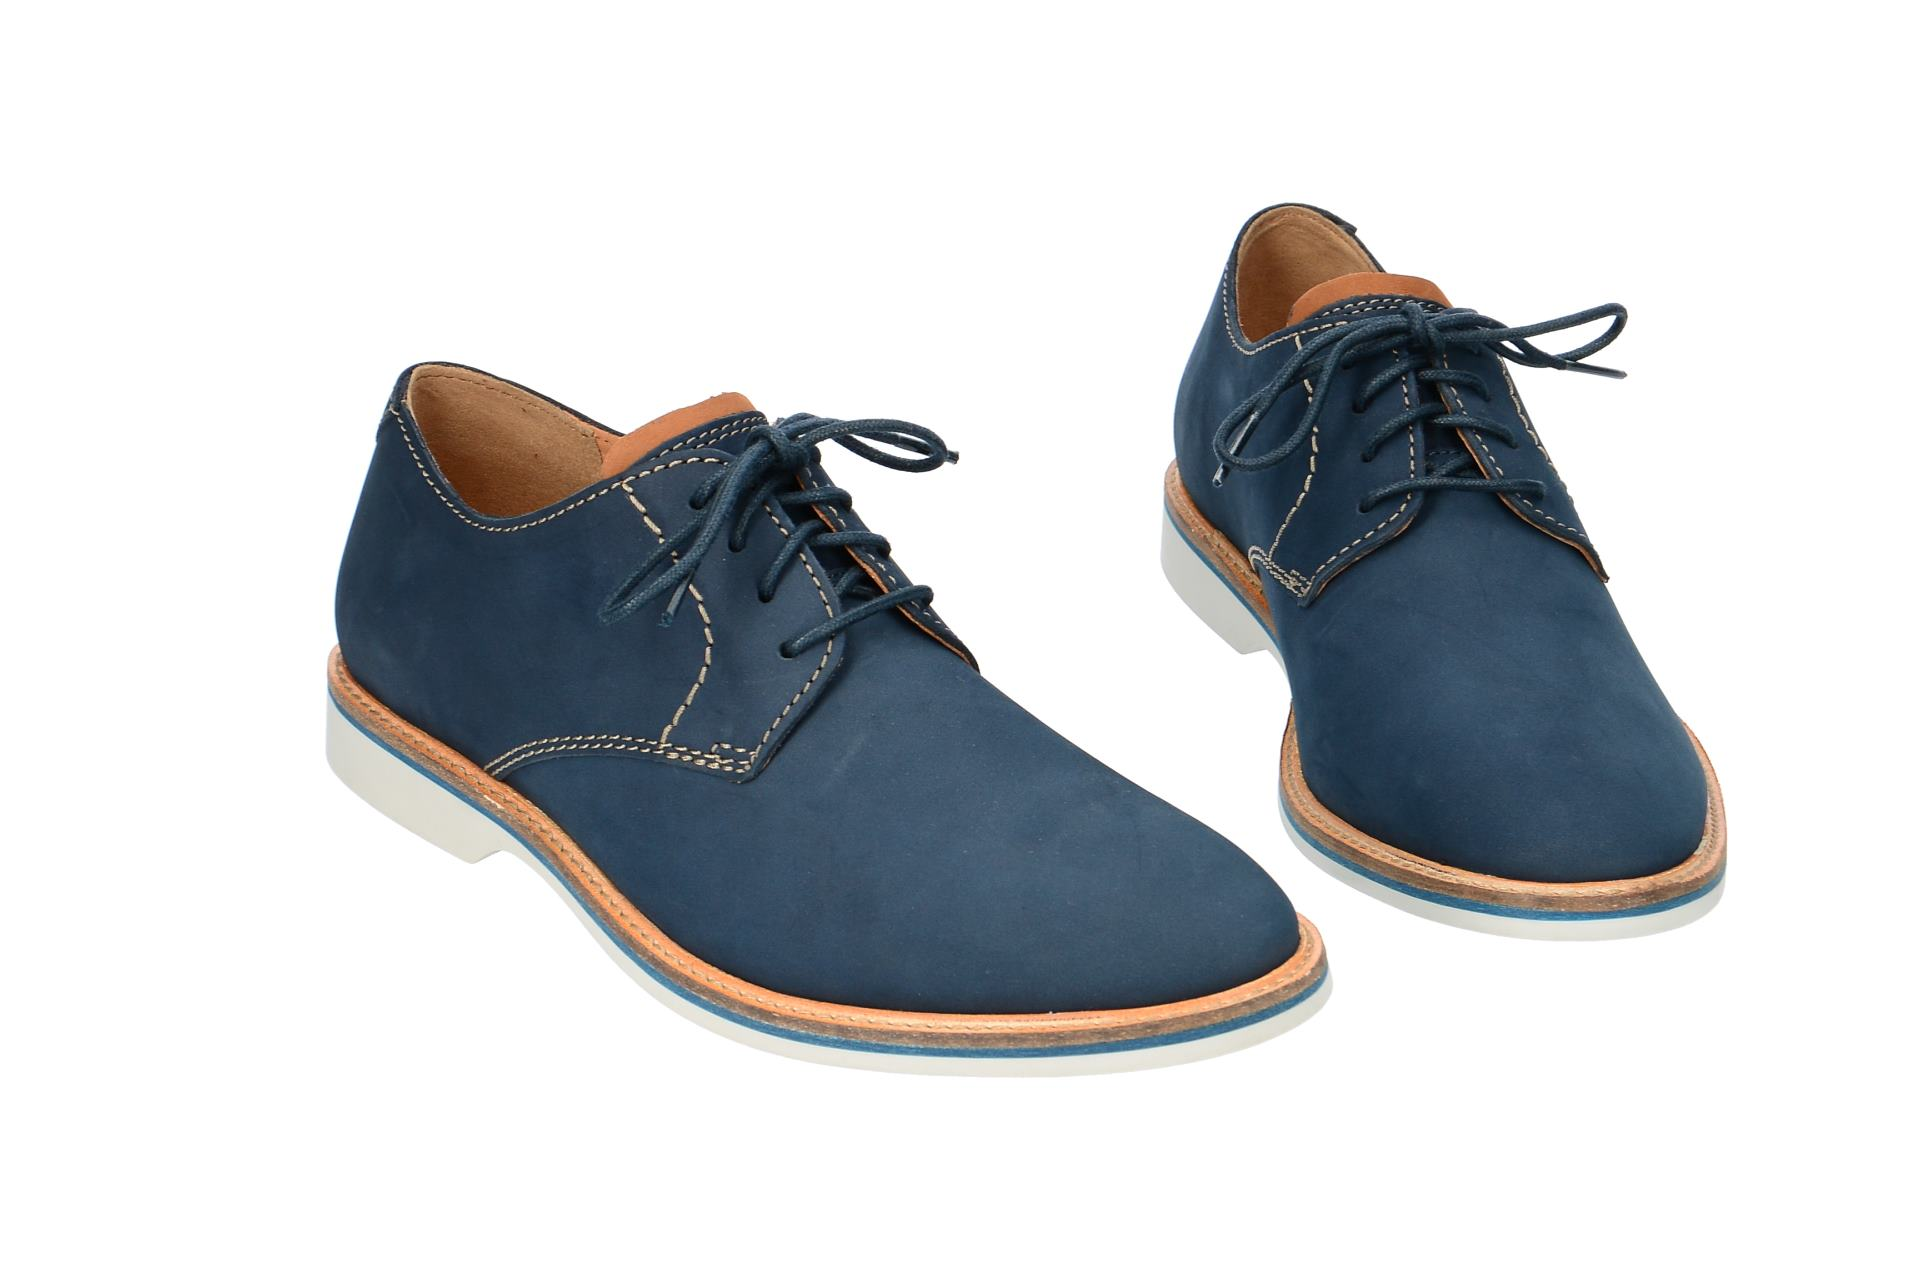 Details zu Clarks ATTICUS LACE Herrenschuhe elegante Halbschuhe Schnürschuhe blau